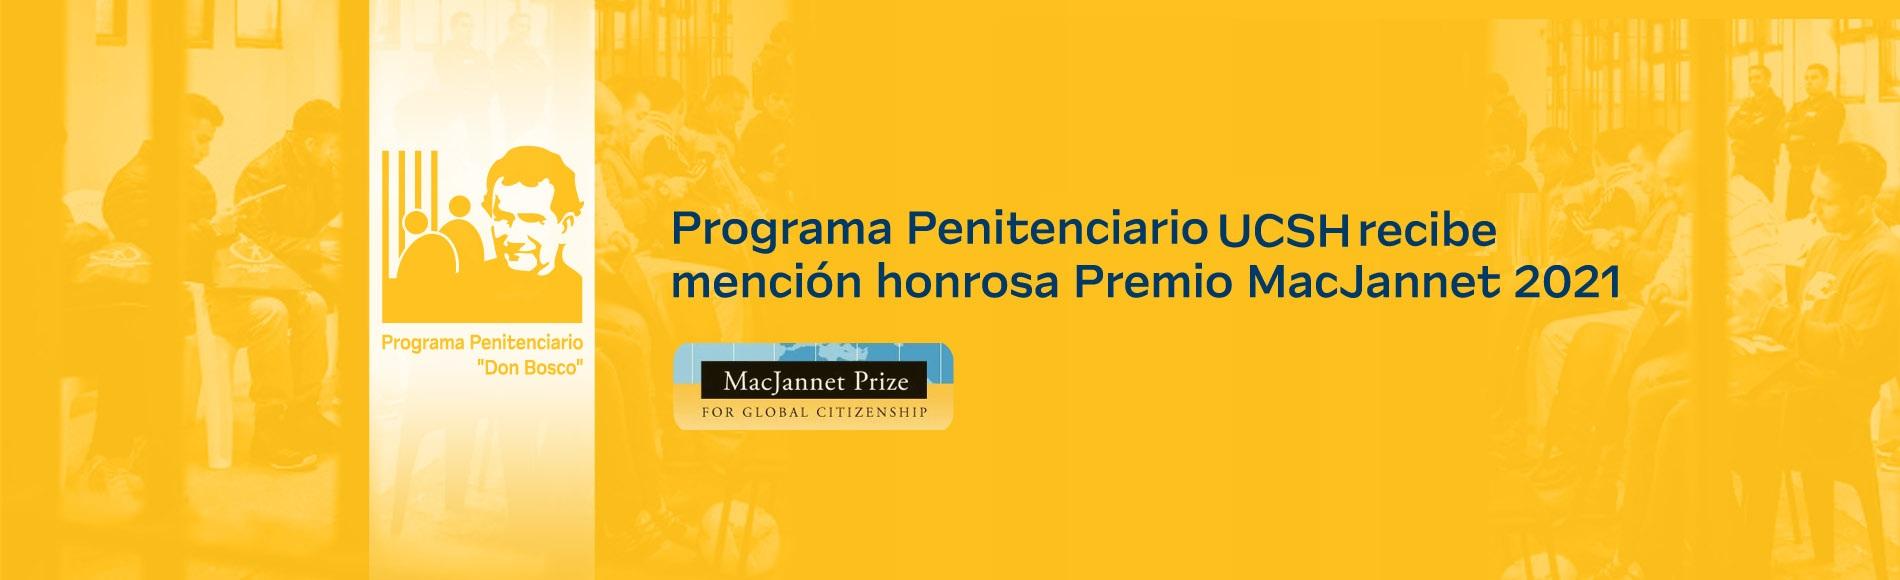 Banner Programa Penitenciario